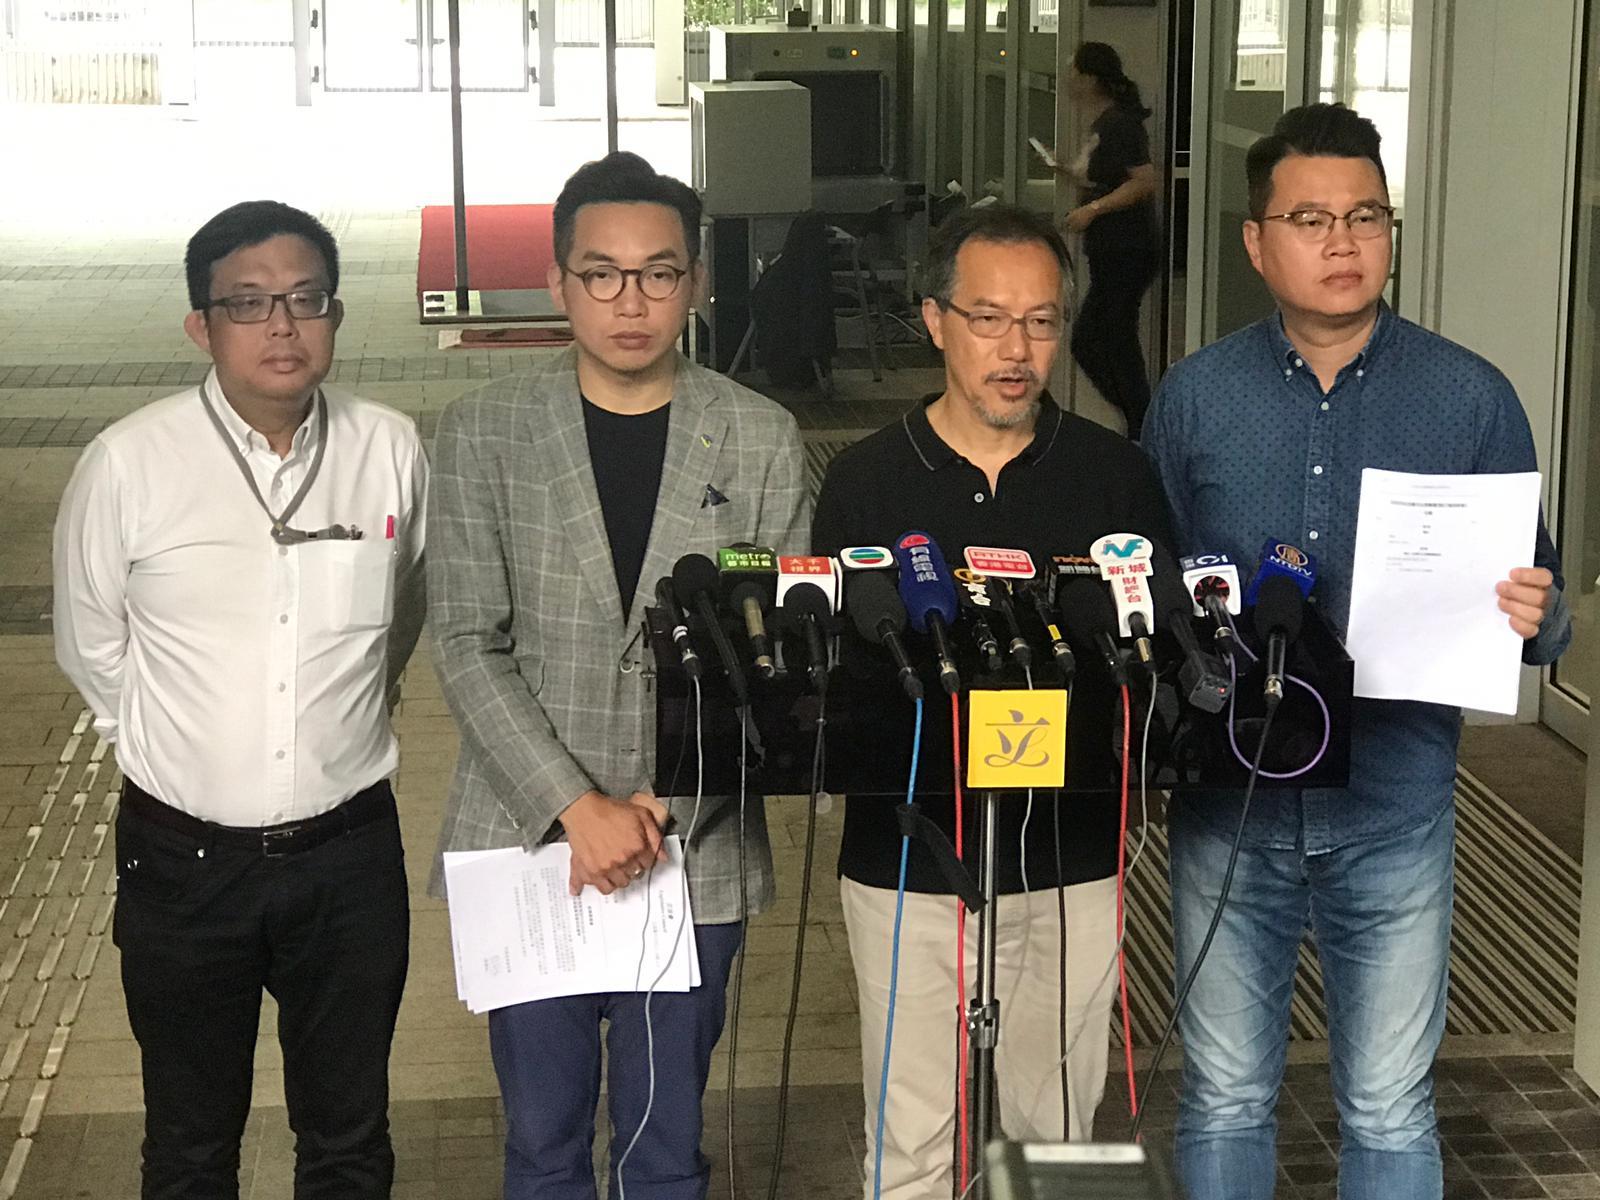 張超雄(右二)表示提出的修訂只為台灣殺人案作單次移交。